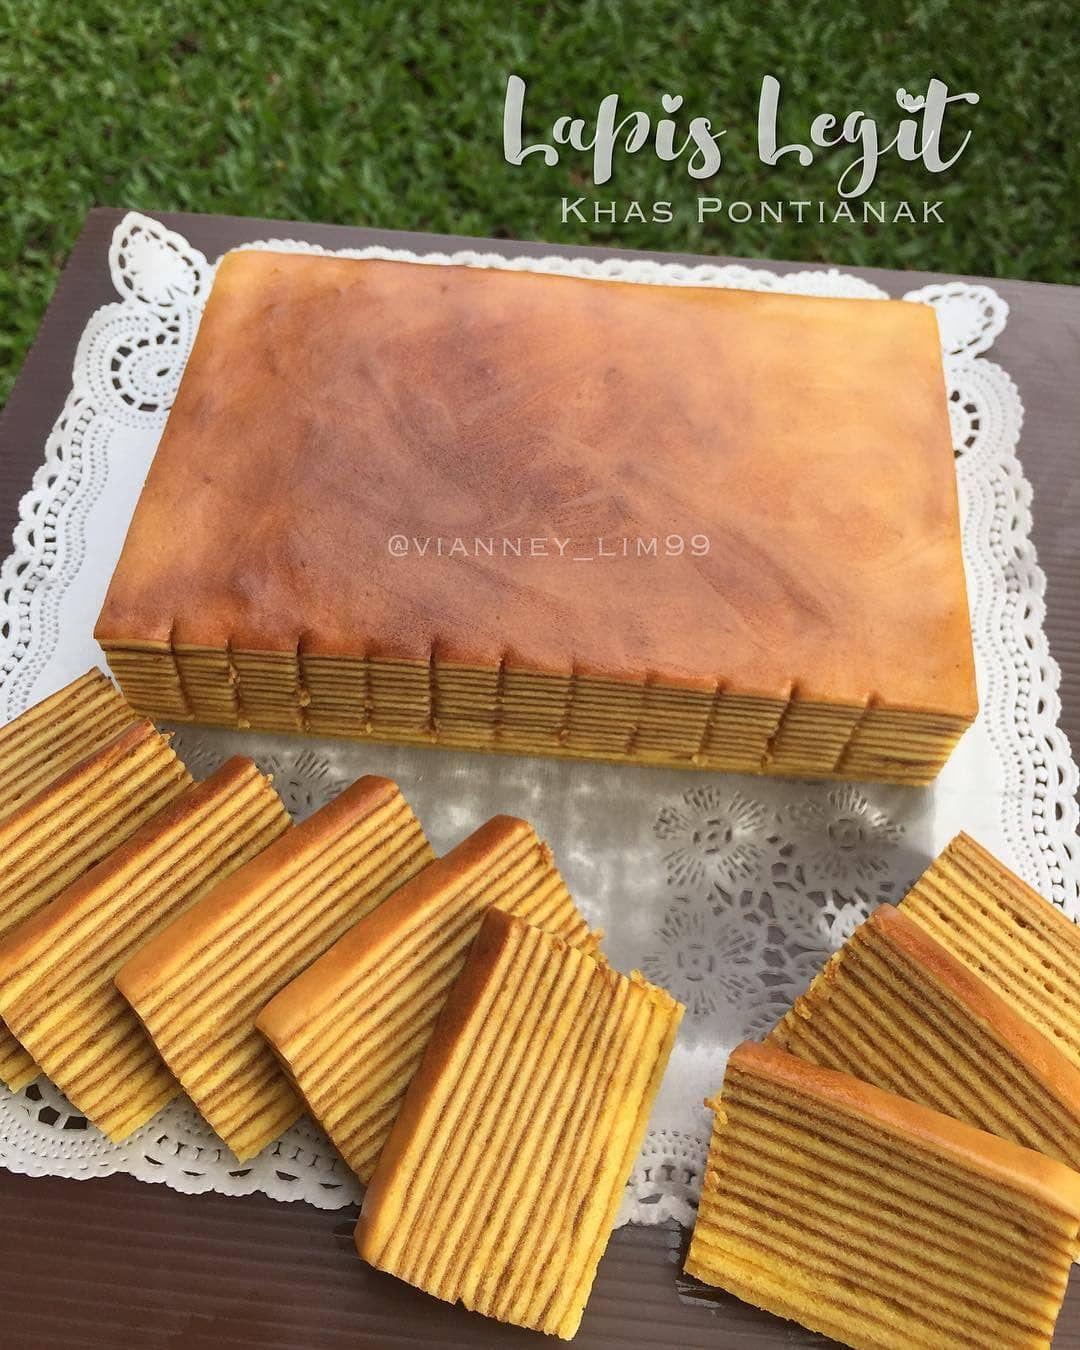 Aneka Resep Kue Di Instagram Sebelum Baca Pencet Love Nya Dulu Ya Biar Kita Makin Semangat Share Resep Nya Setiap Hari Lapis Resep Kue Resep Kue Lapis